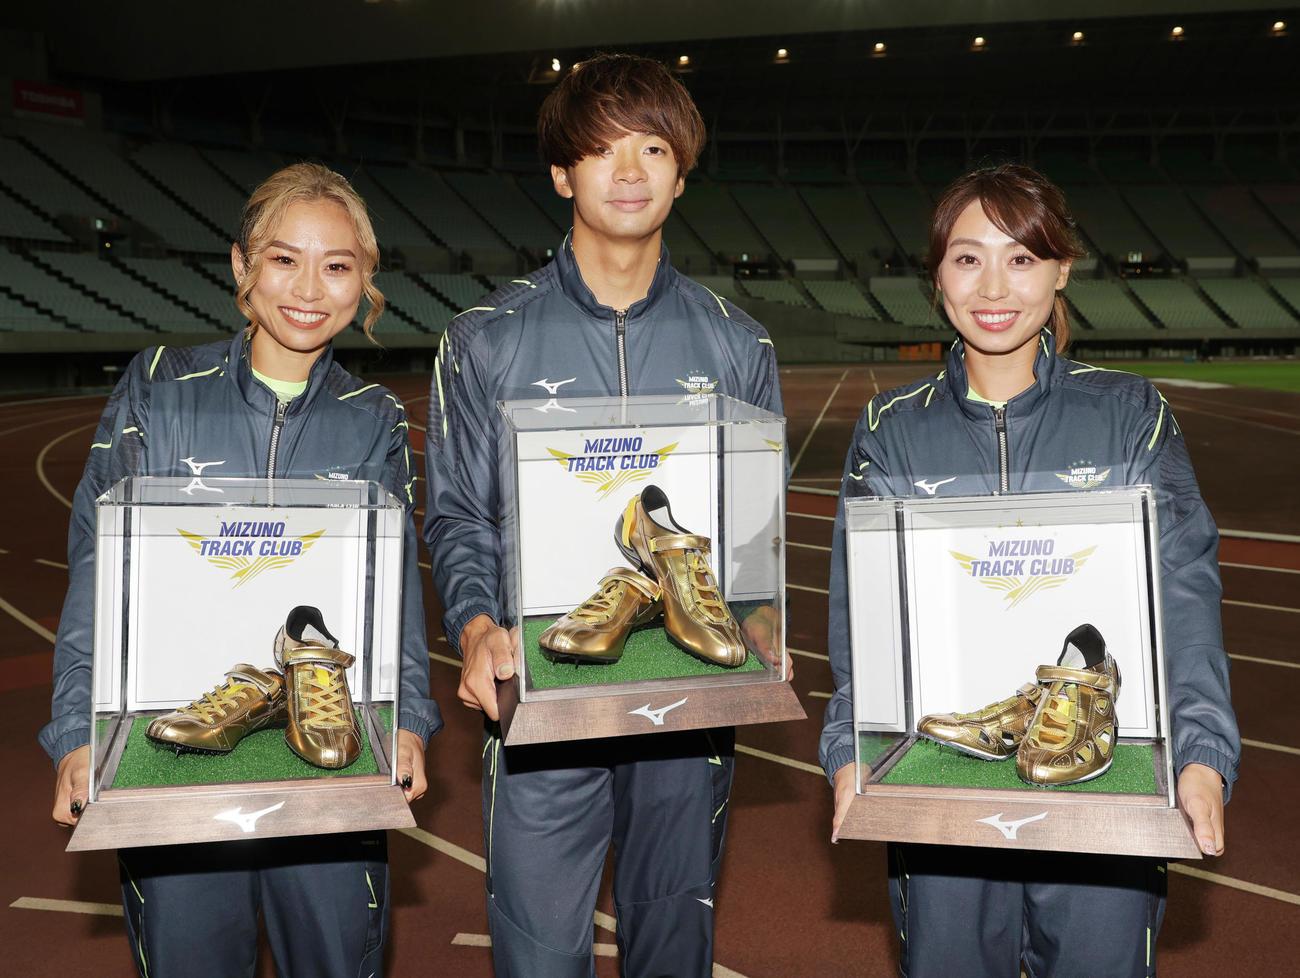 引退する和田麻希(左)、金井大旺(中央)、市川華菜の3選手に所属のミズノからゴールドスパイクが贈呈される(撮影・清水貴仁)